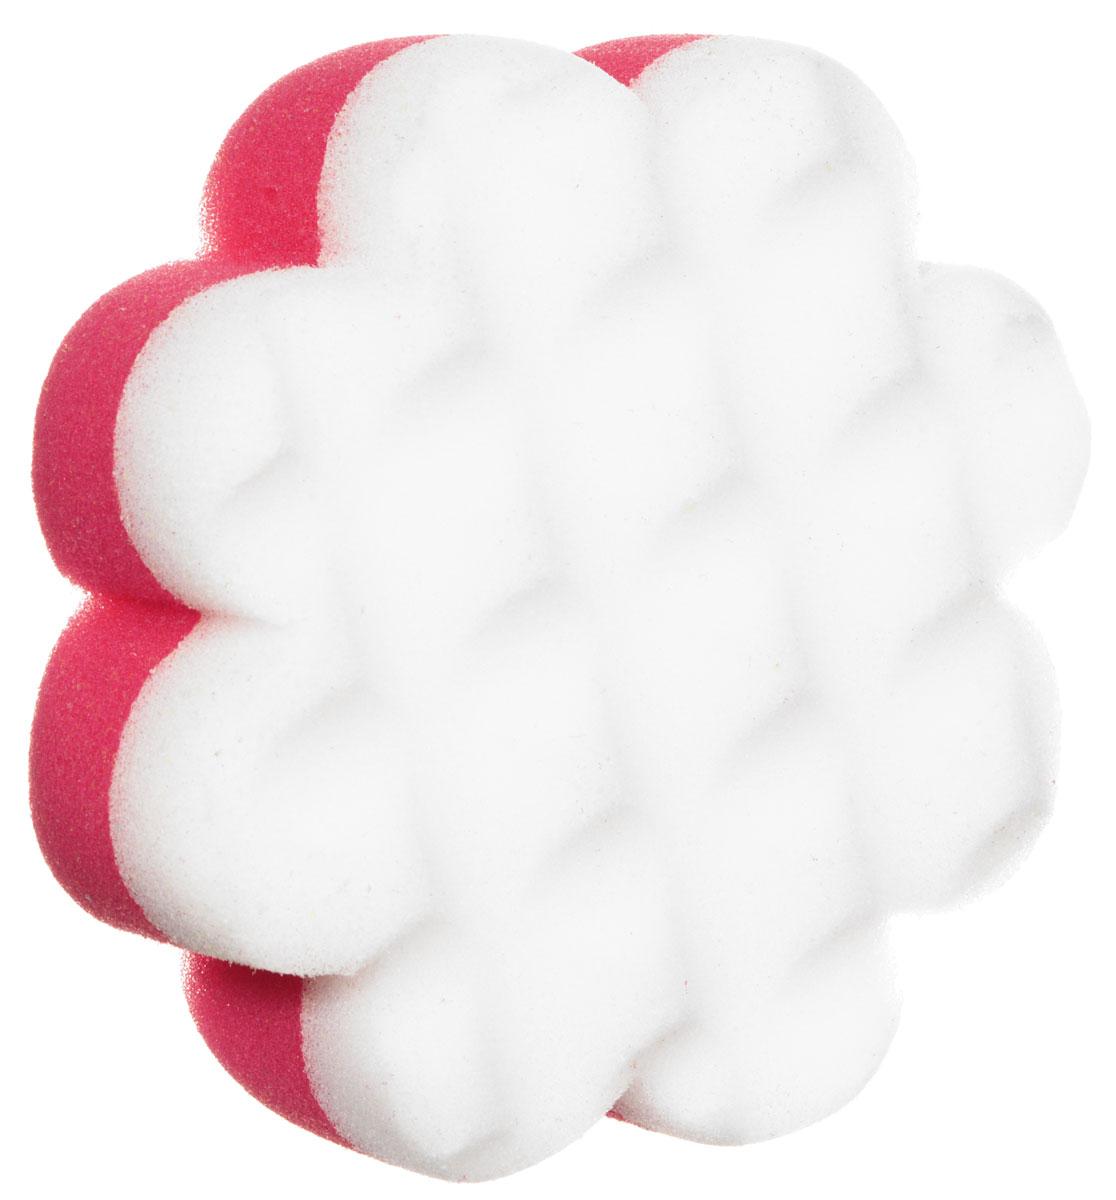 Курносики Мочалка с массажным слоем Цветок цвет розовый белый40505_розовый, цветокМочалка Курносики в форме цветка обеспечивает мягкий уход за кожей малыша при купании и отлично взбивает мыльную пену. Детская мочалка имеет форму, комфортную для рук, а также массажный слой, помогающий удалять загрязнения. Такая мочалка поможет вам провести купание малыша мягко и комфортно. Мочалка с массажным слоем Курносики прослужит вам длительно, радуя вас и вашего малыша.